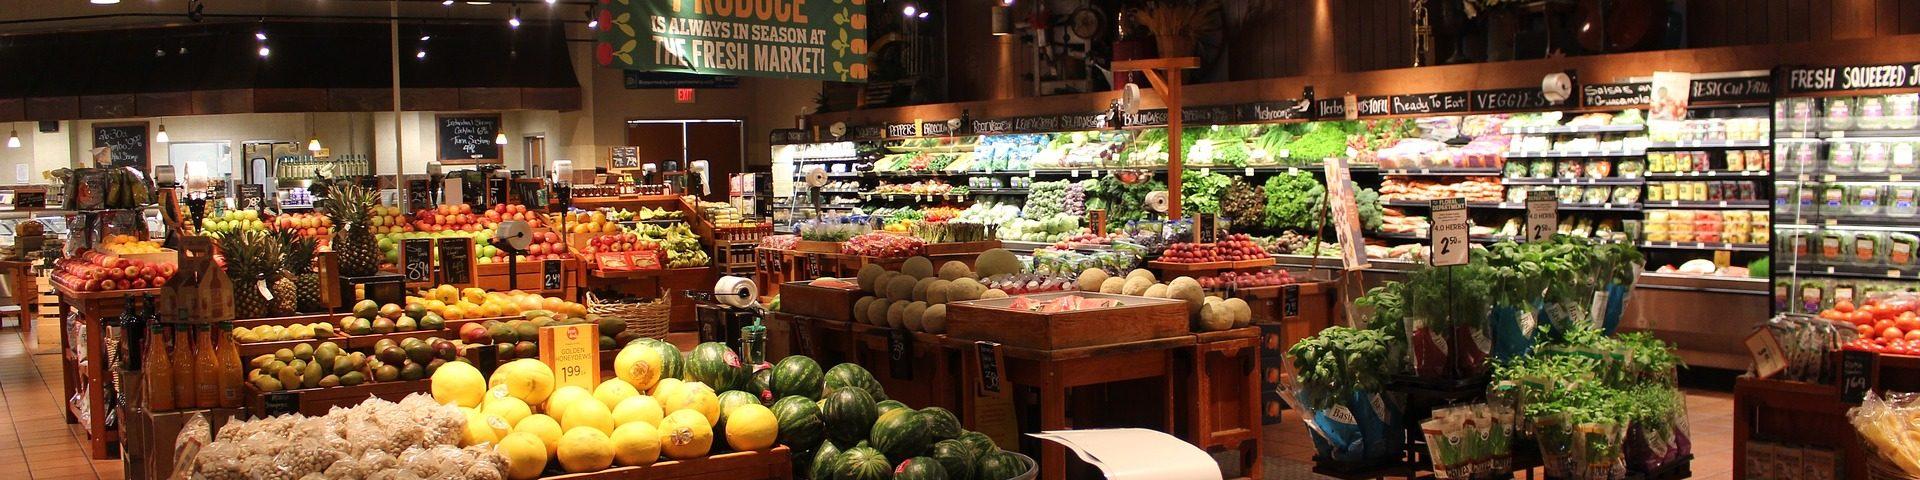 Lieferservice für Berlin, Potsdam, Hamburg, München. Lebensmittel, Getränke wie Obst Gemüse, Fleich, fisch, Bioprodukte, laktosefrei, Vegan, Tiernahrung und mehr